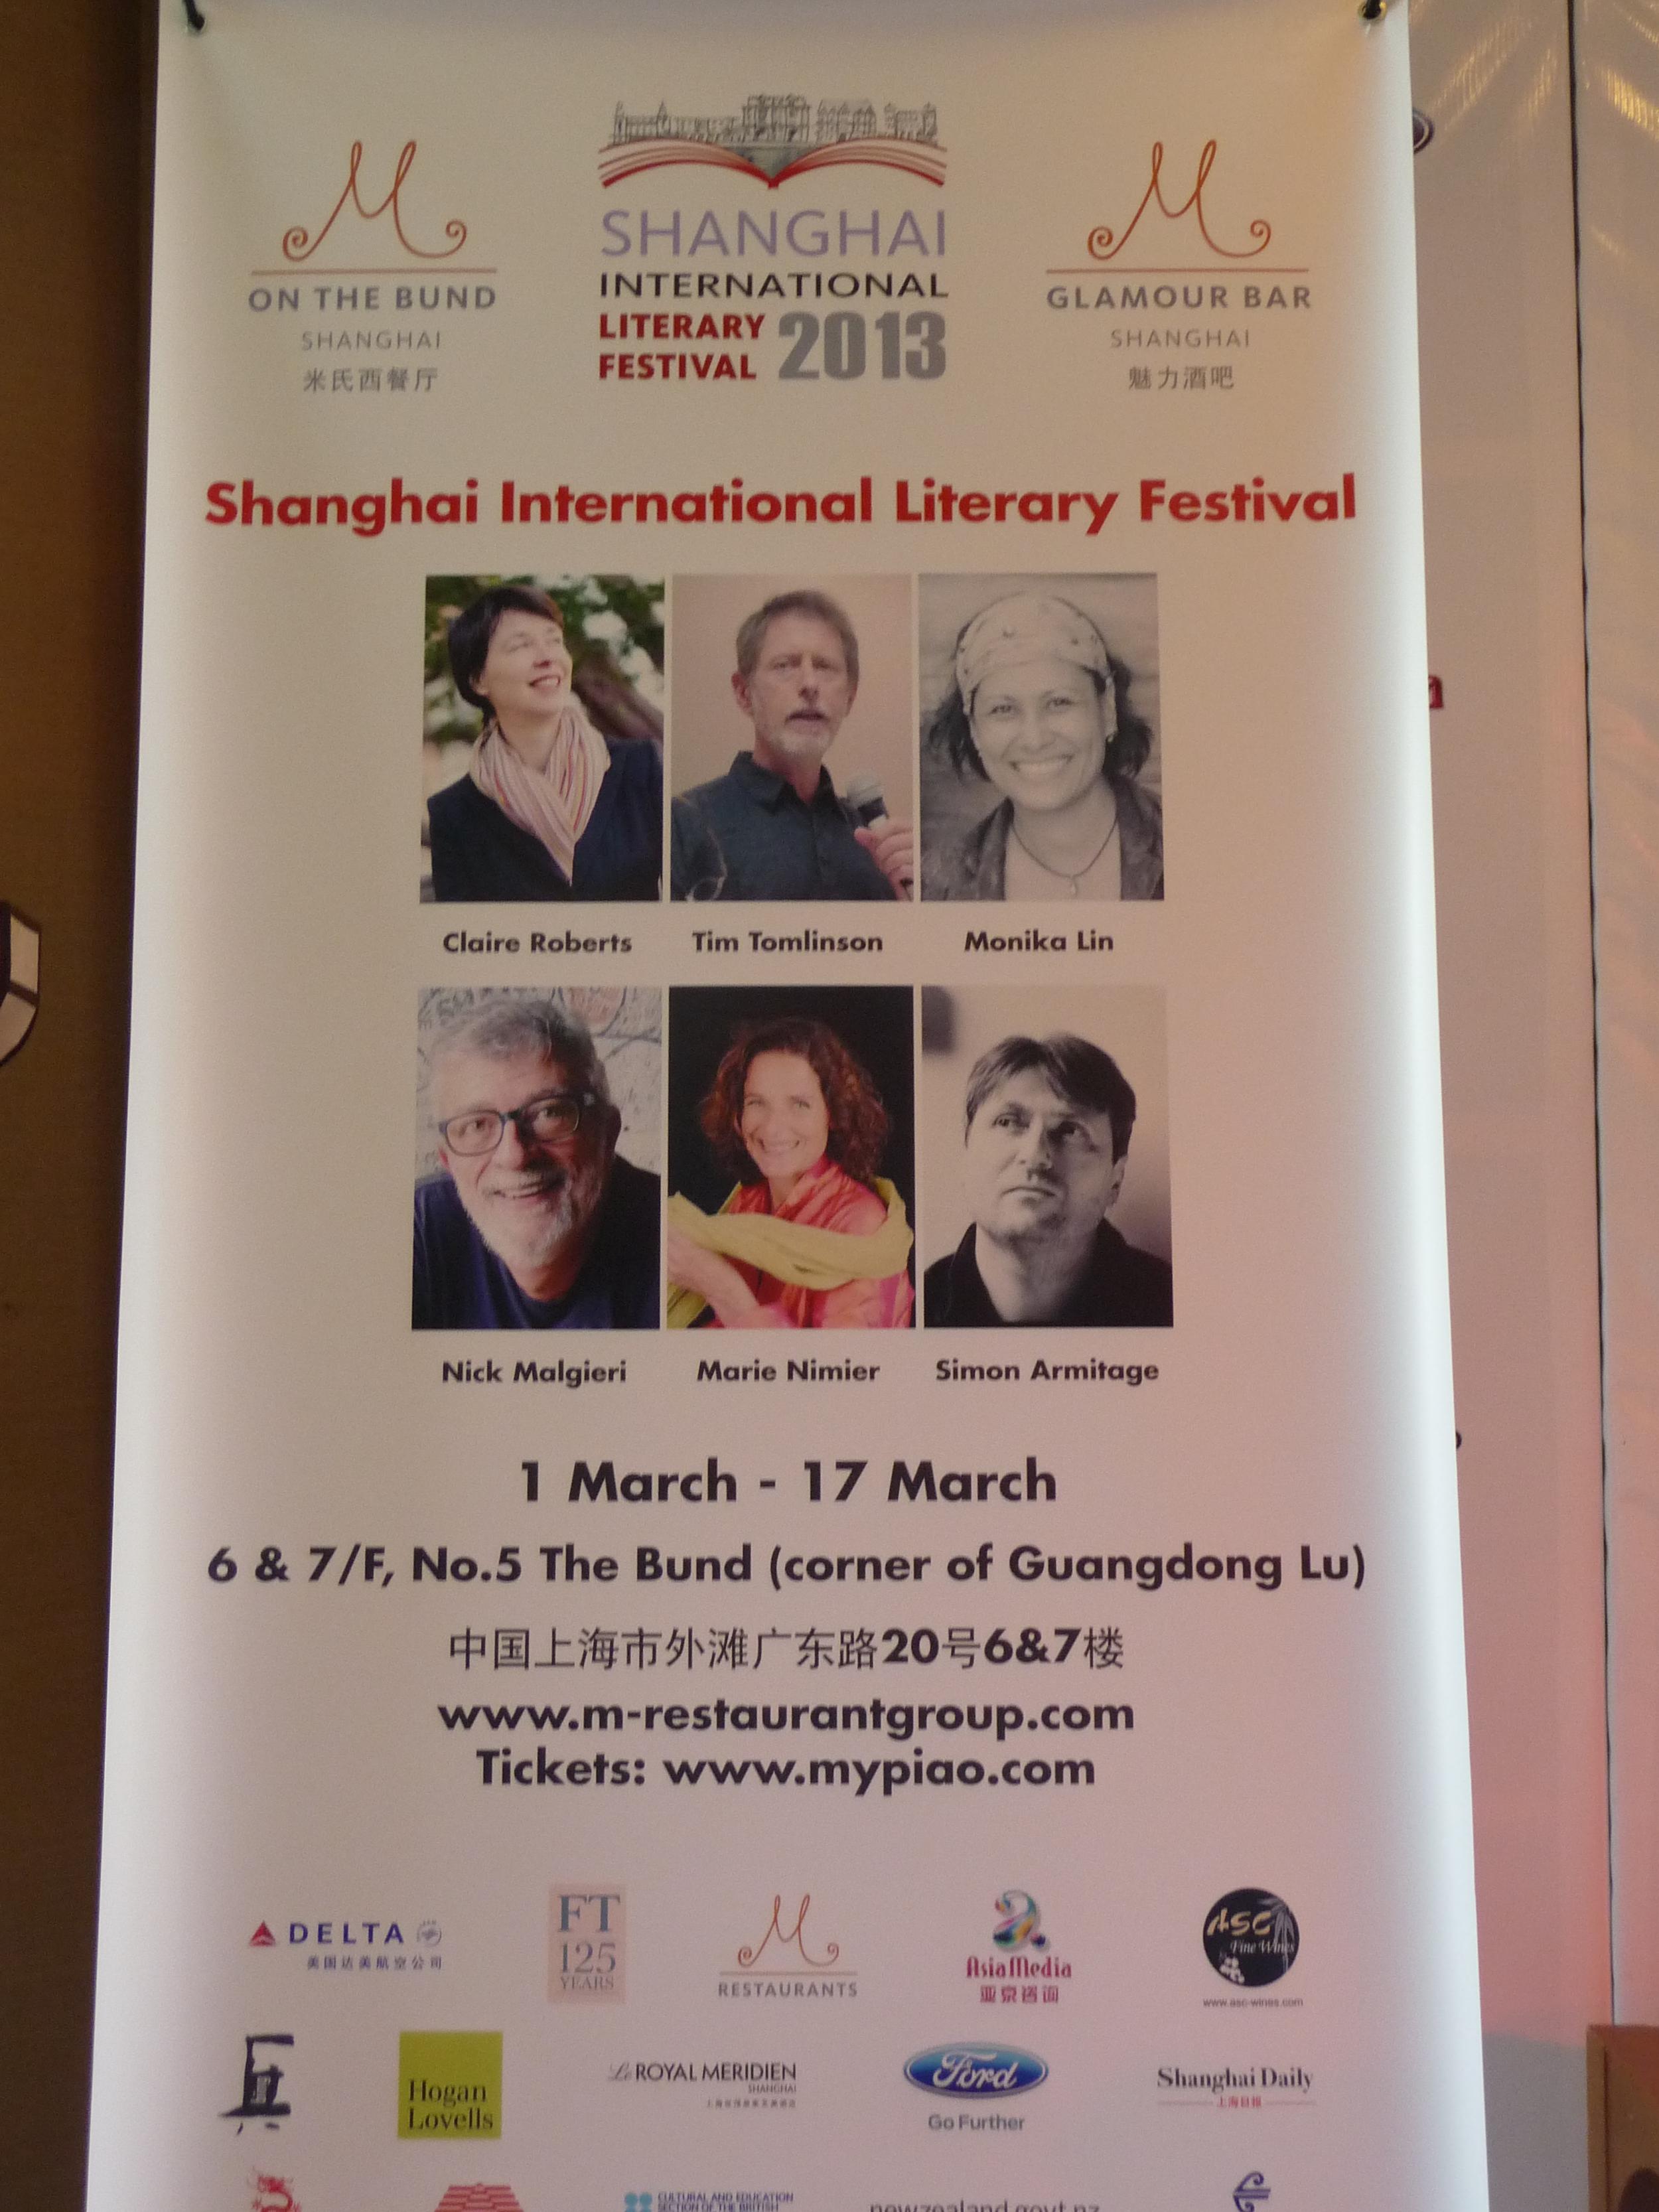 Poster for the Shanghai International Literary Festival